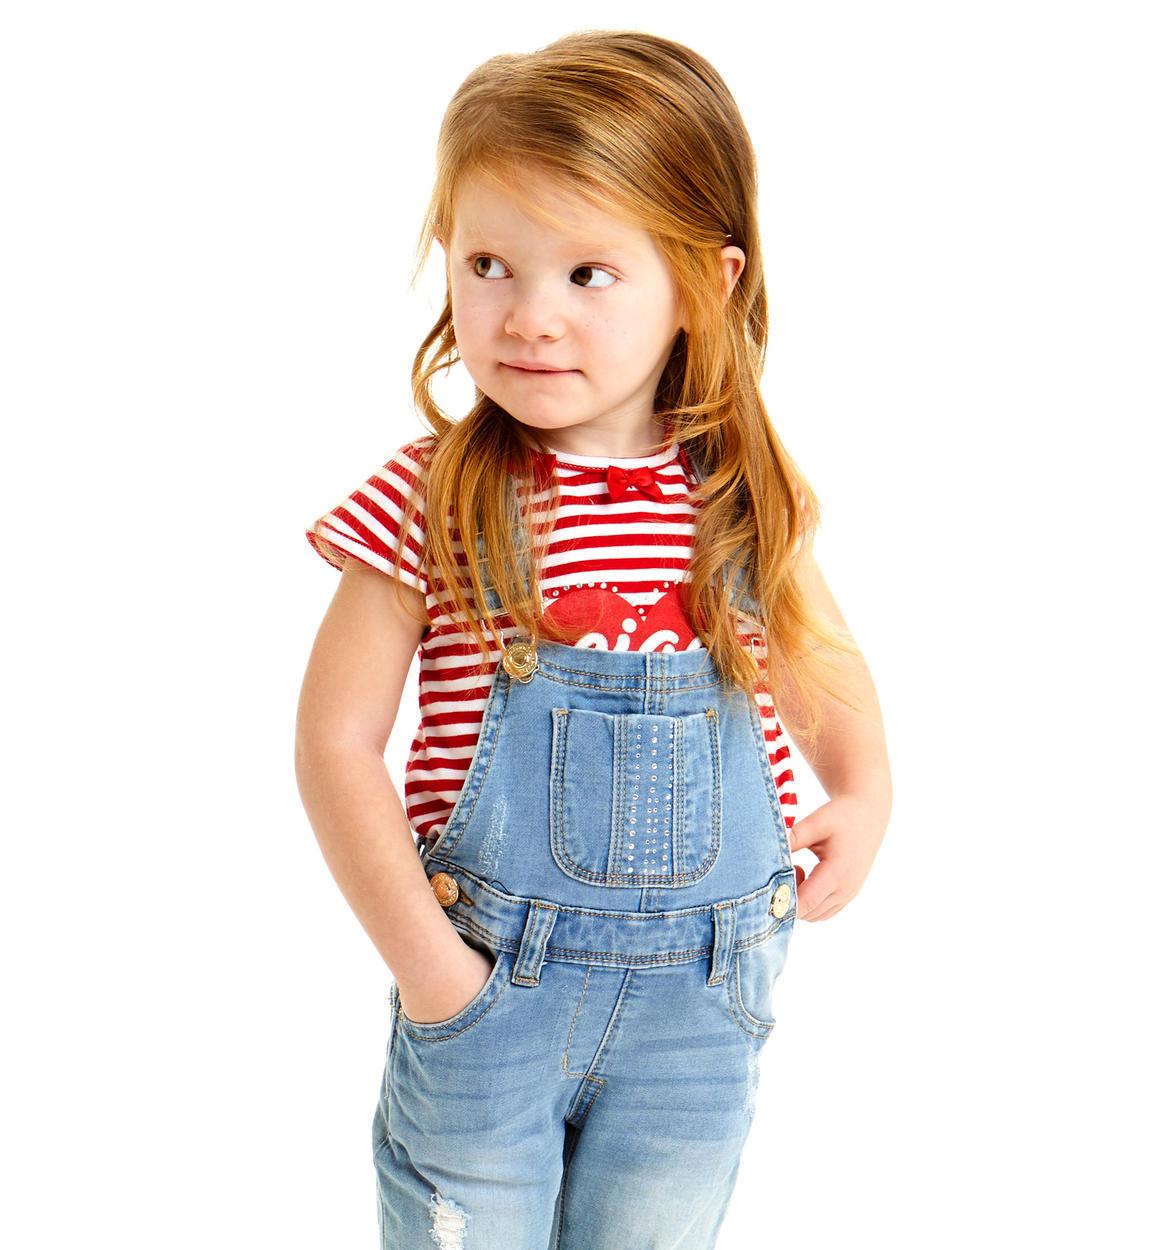 Salopette Bambina In Felpa Stretch Denim Di Cotone Vestibilita Da 6 Mesi A 7 Anni Sarabanda Miniconf Shop